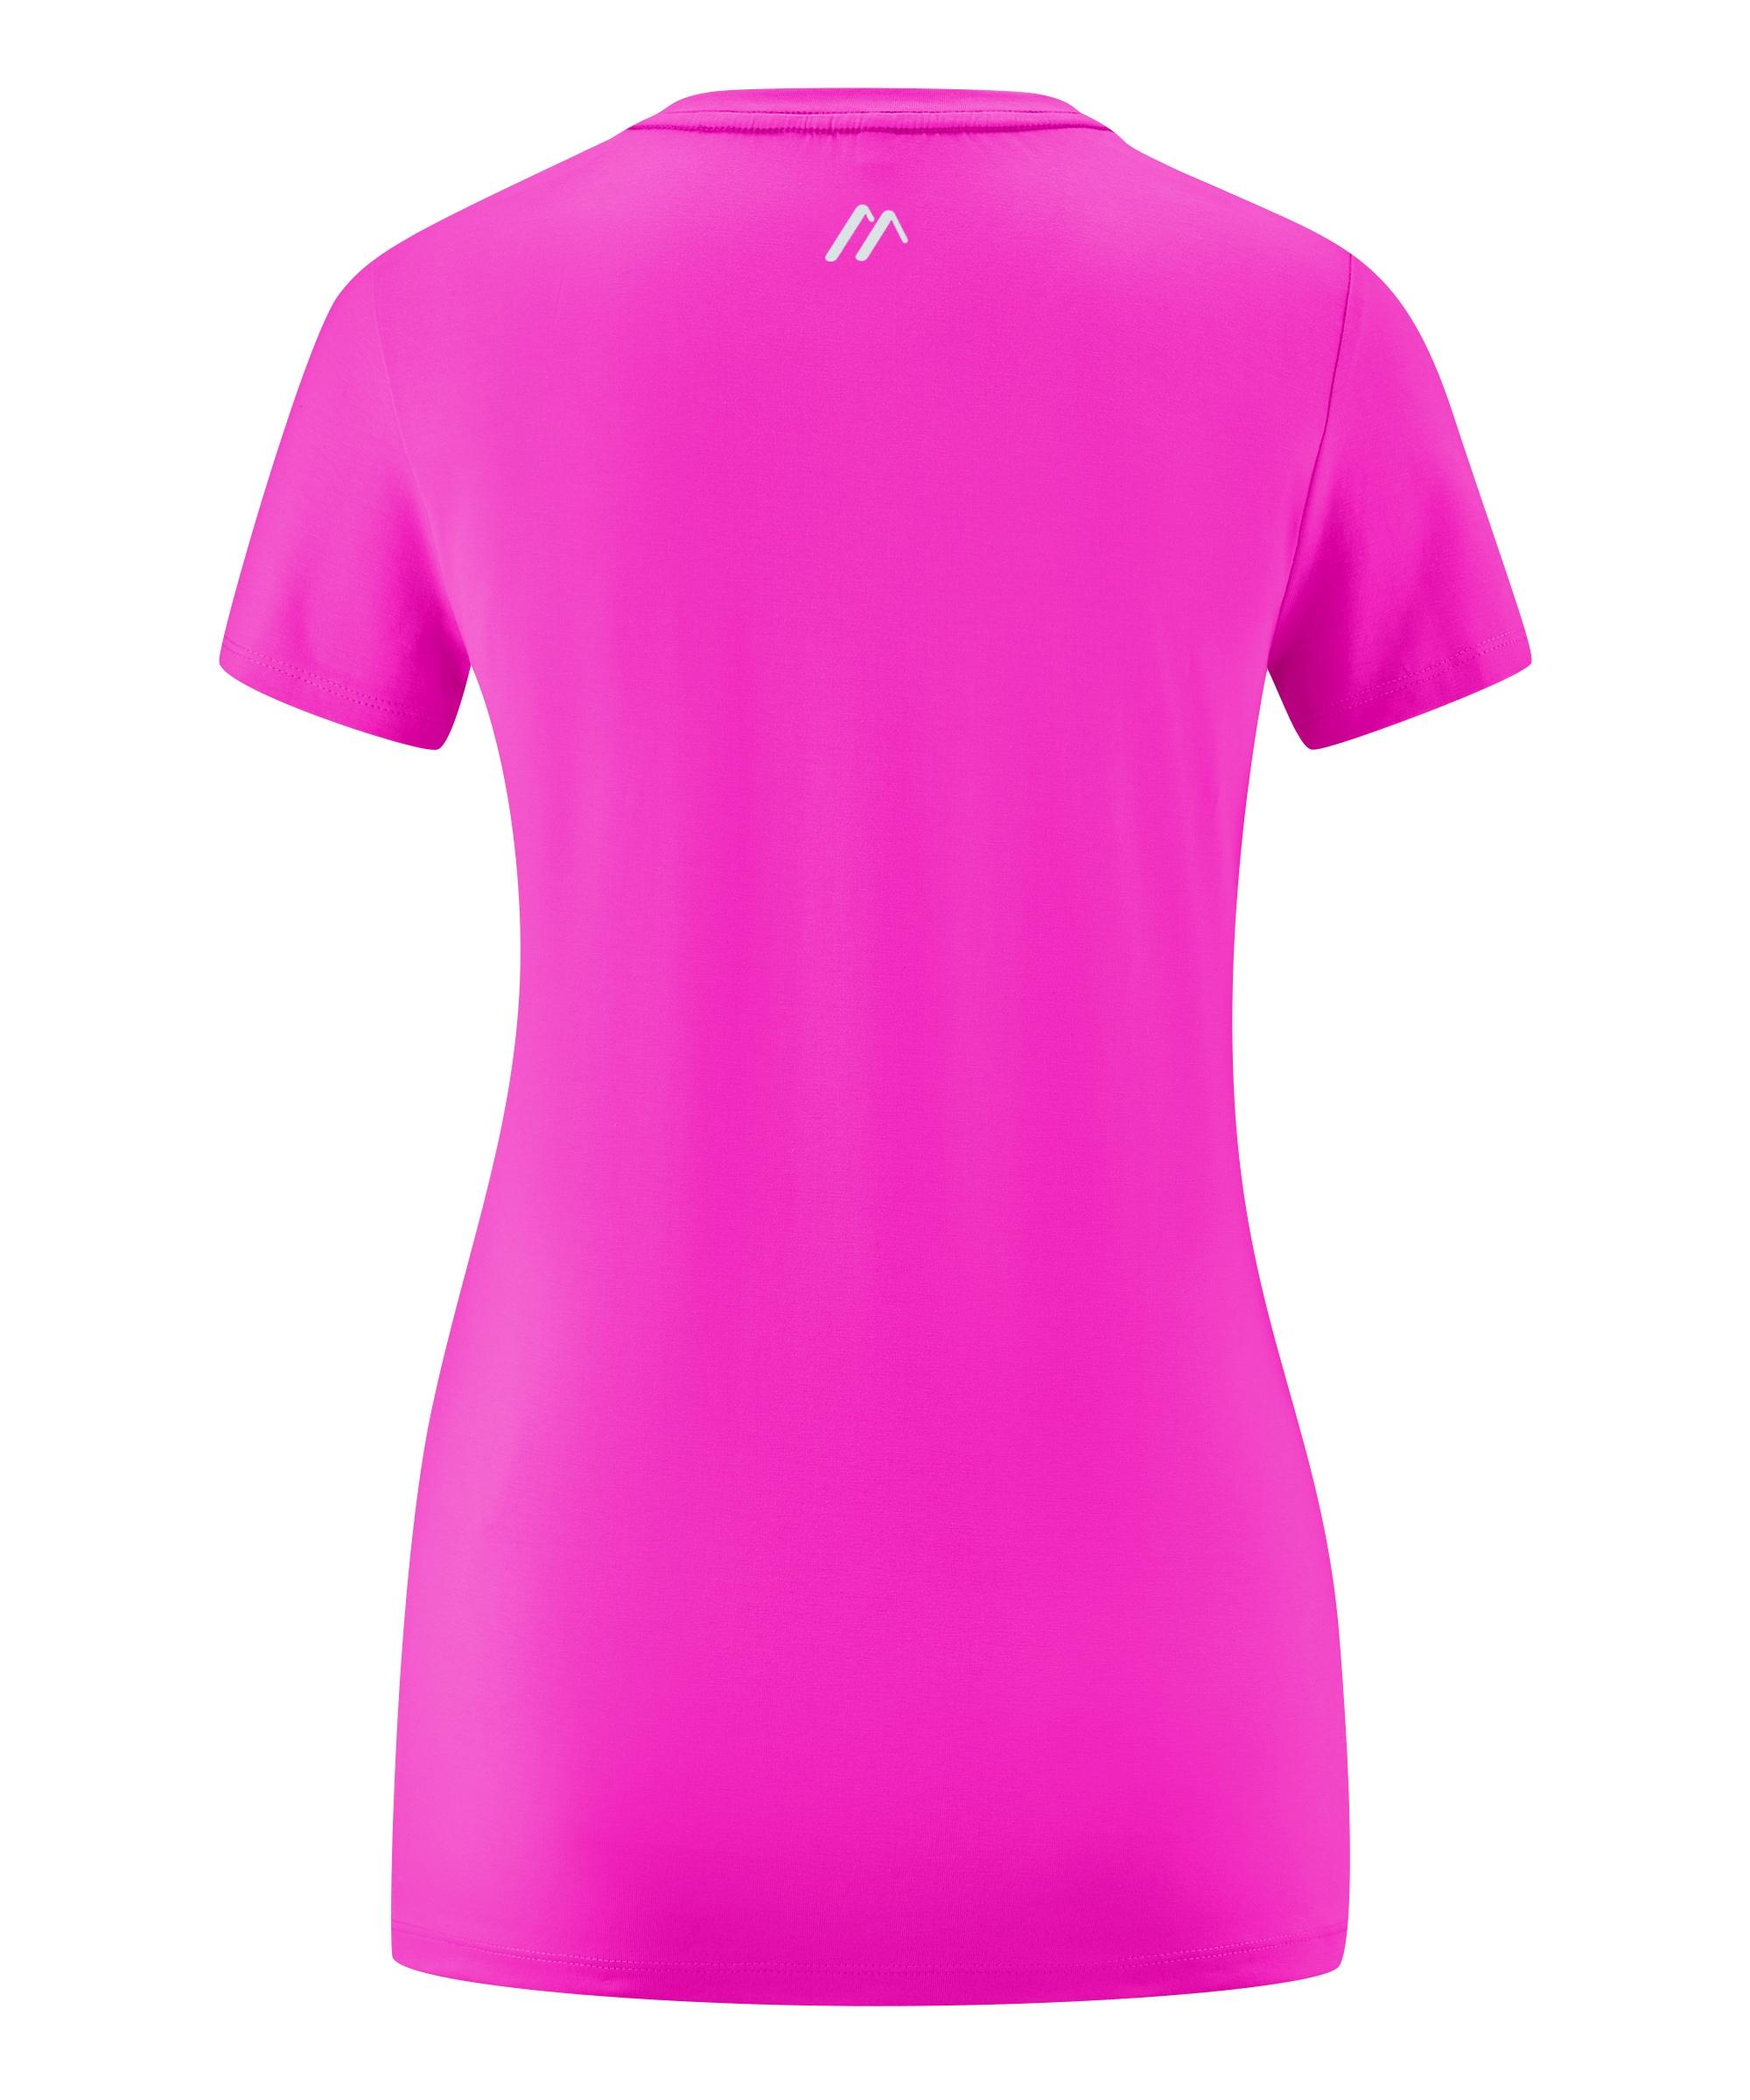 Maier Sports Da T-Shirt Berta 553000 pink